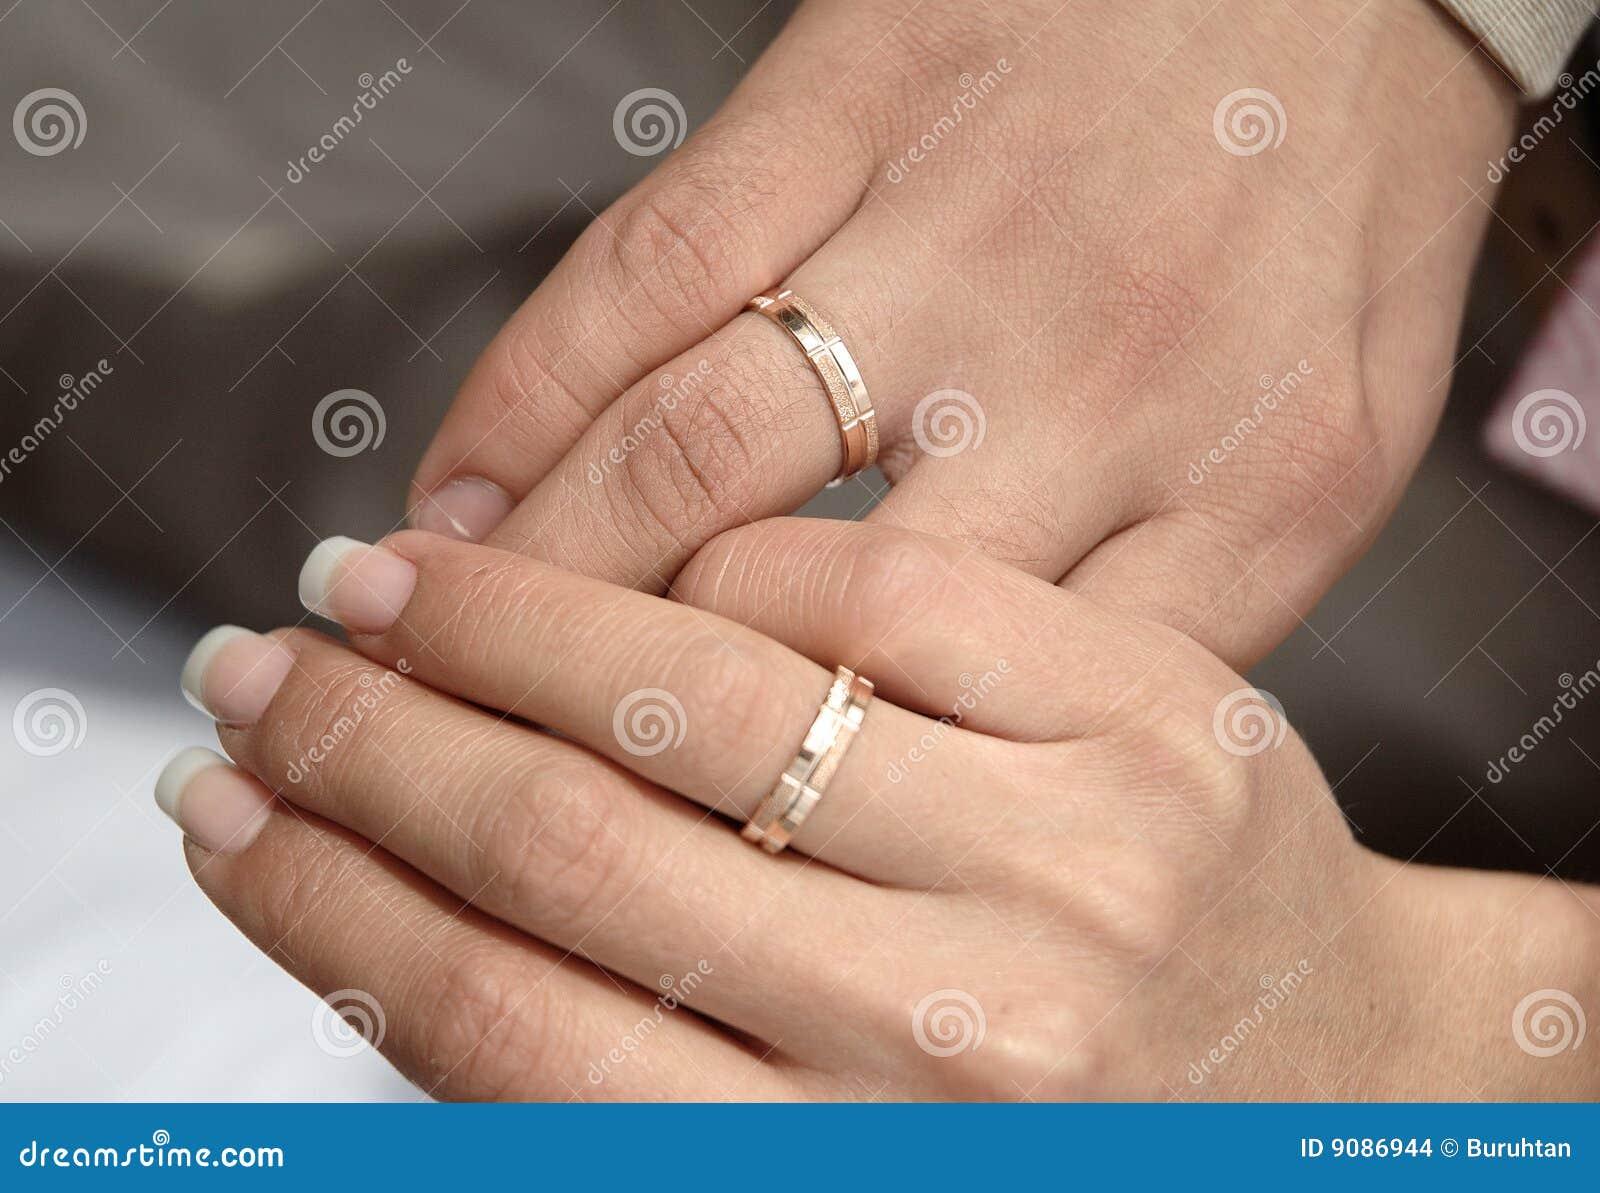 Вероятно, ваш брак крепкий, счастливый и прочный, как и в начале семейной жизни.